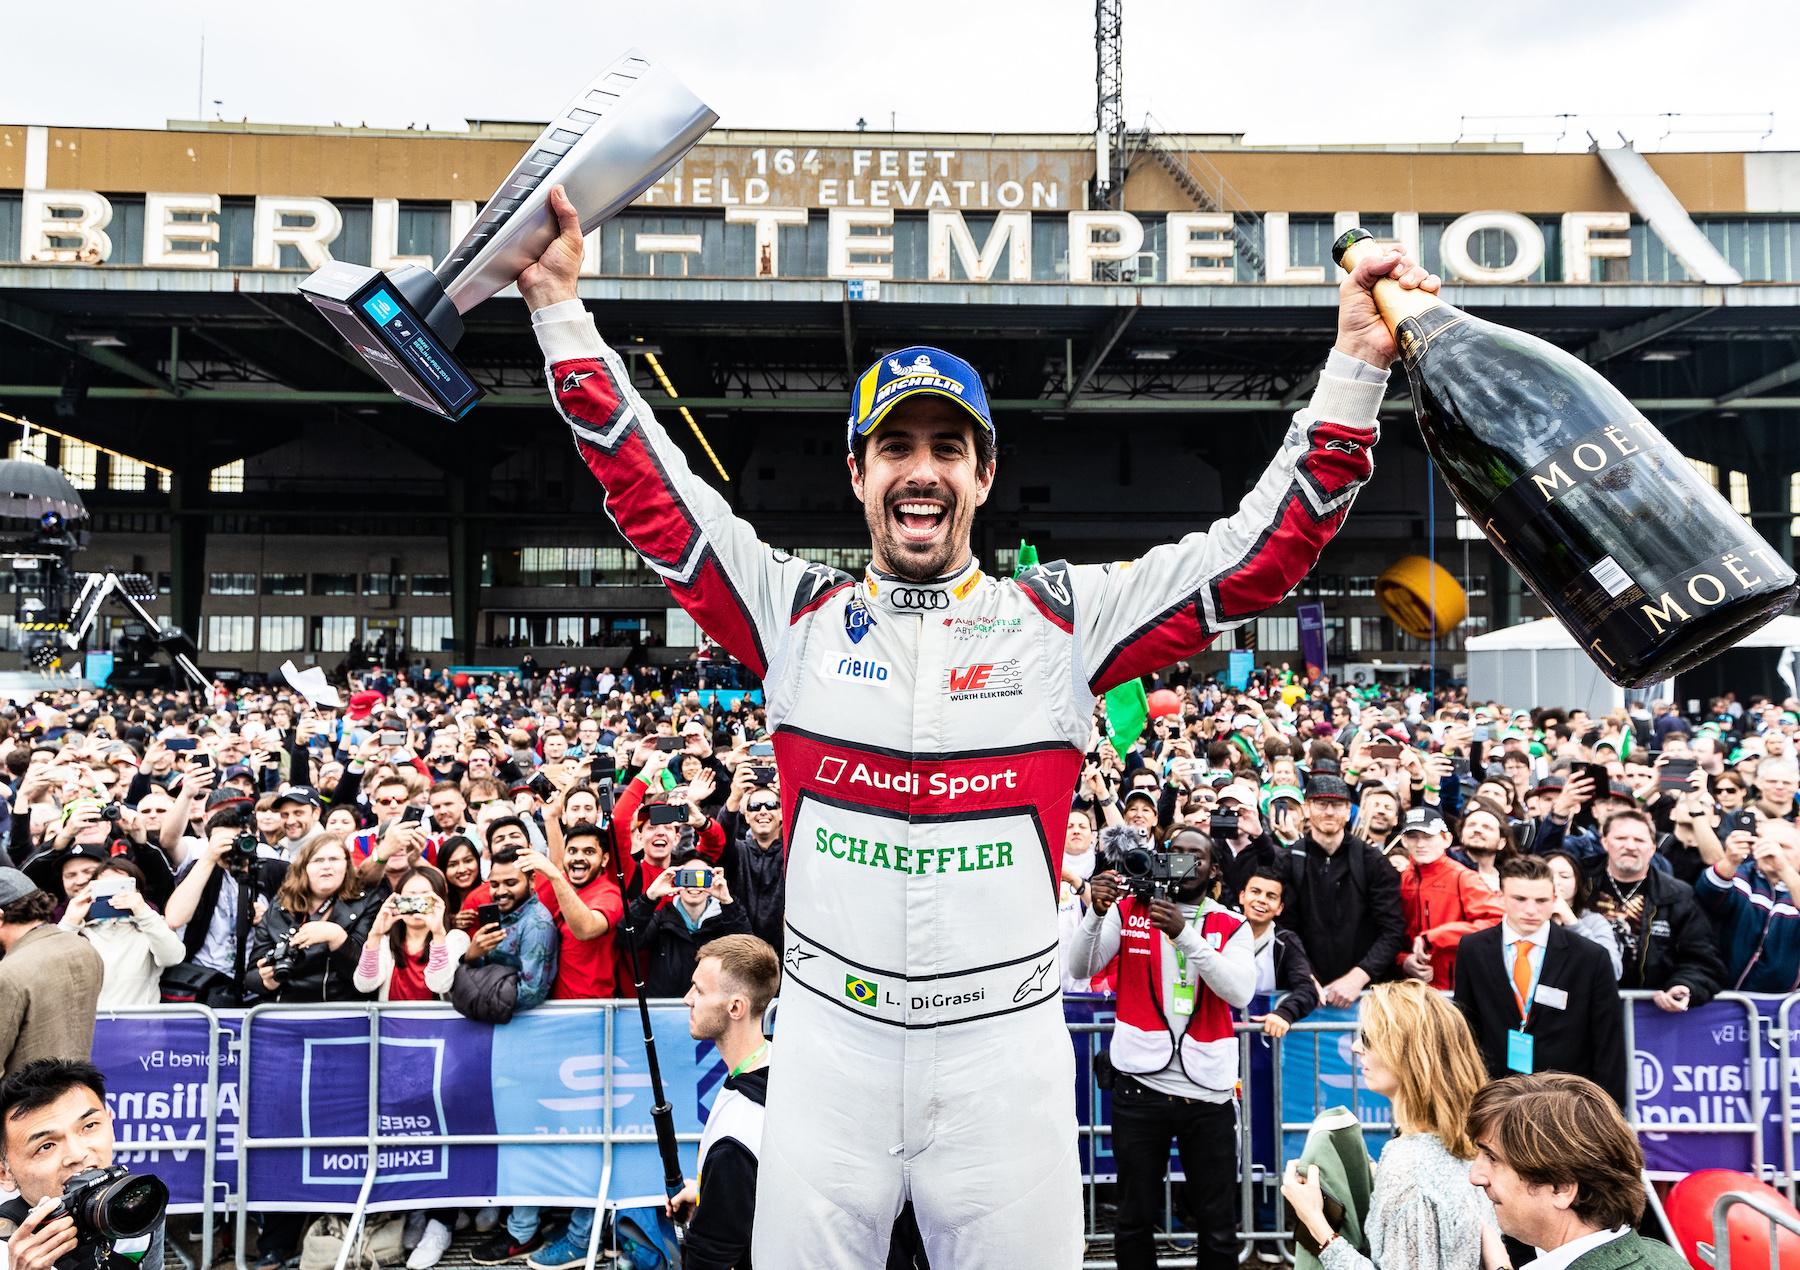 Lucas di Grassi holte im letzten Rennen vor Bern seinen ersten Saison-Sieg. (Audi Communications Motorsport/Michael Kunkel)